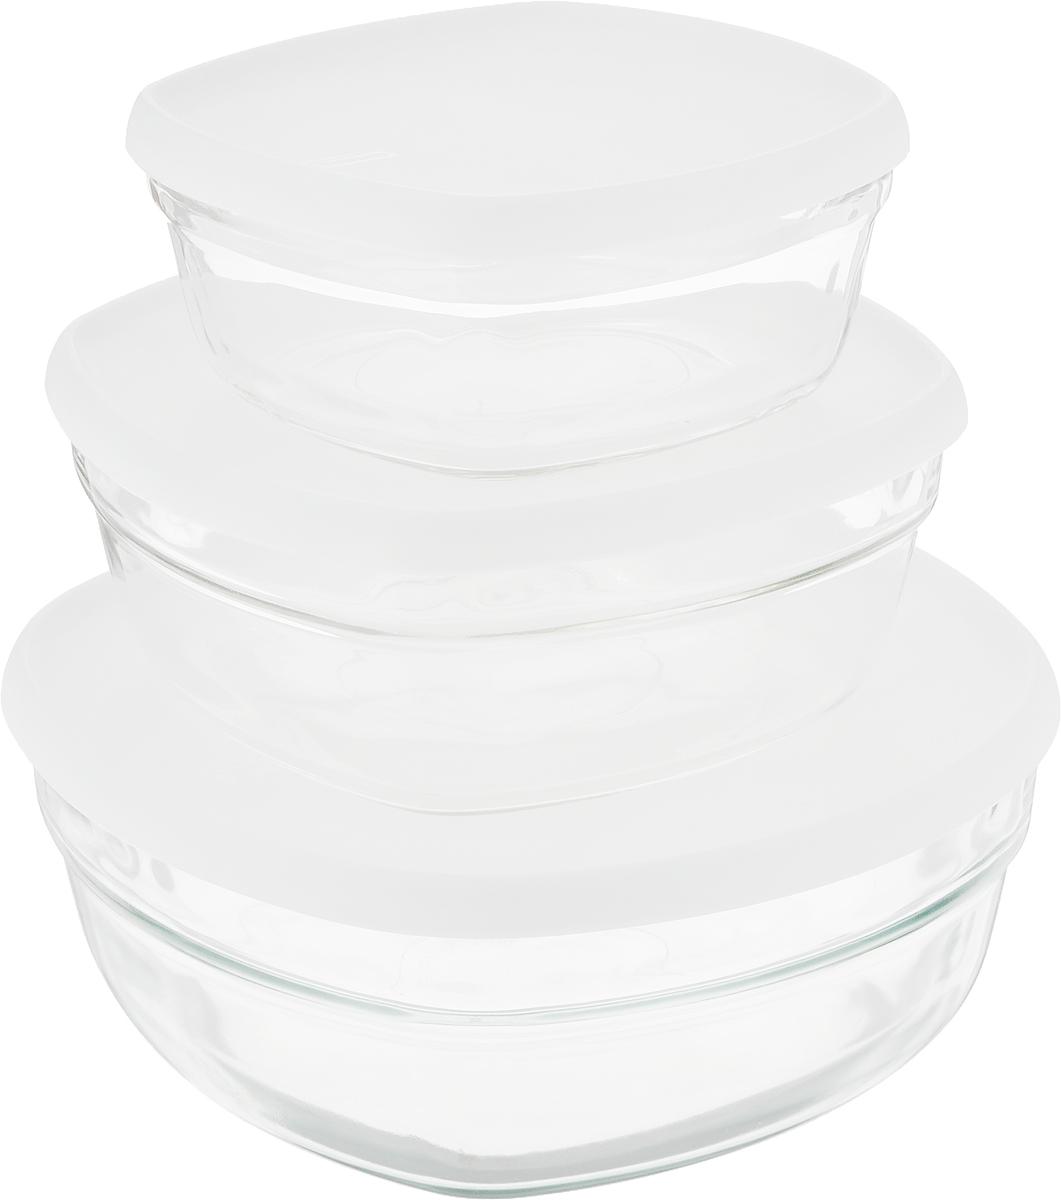 Набор контейнеров Glasslock, цвет: прозрачный, 3 шт. GL-1252 ороситель truper с 3 соплами с пластиковой основой